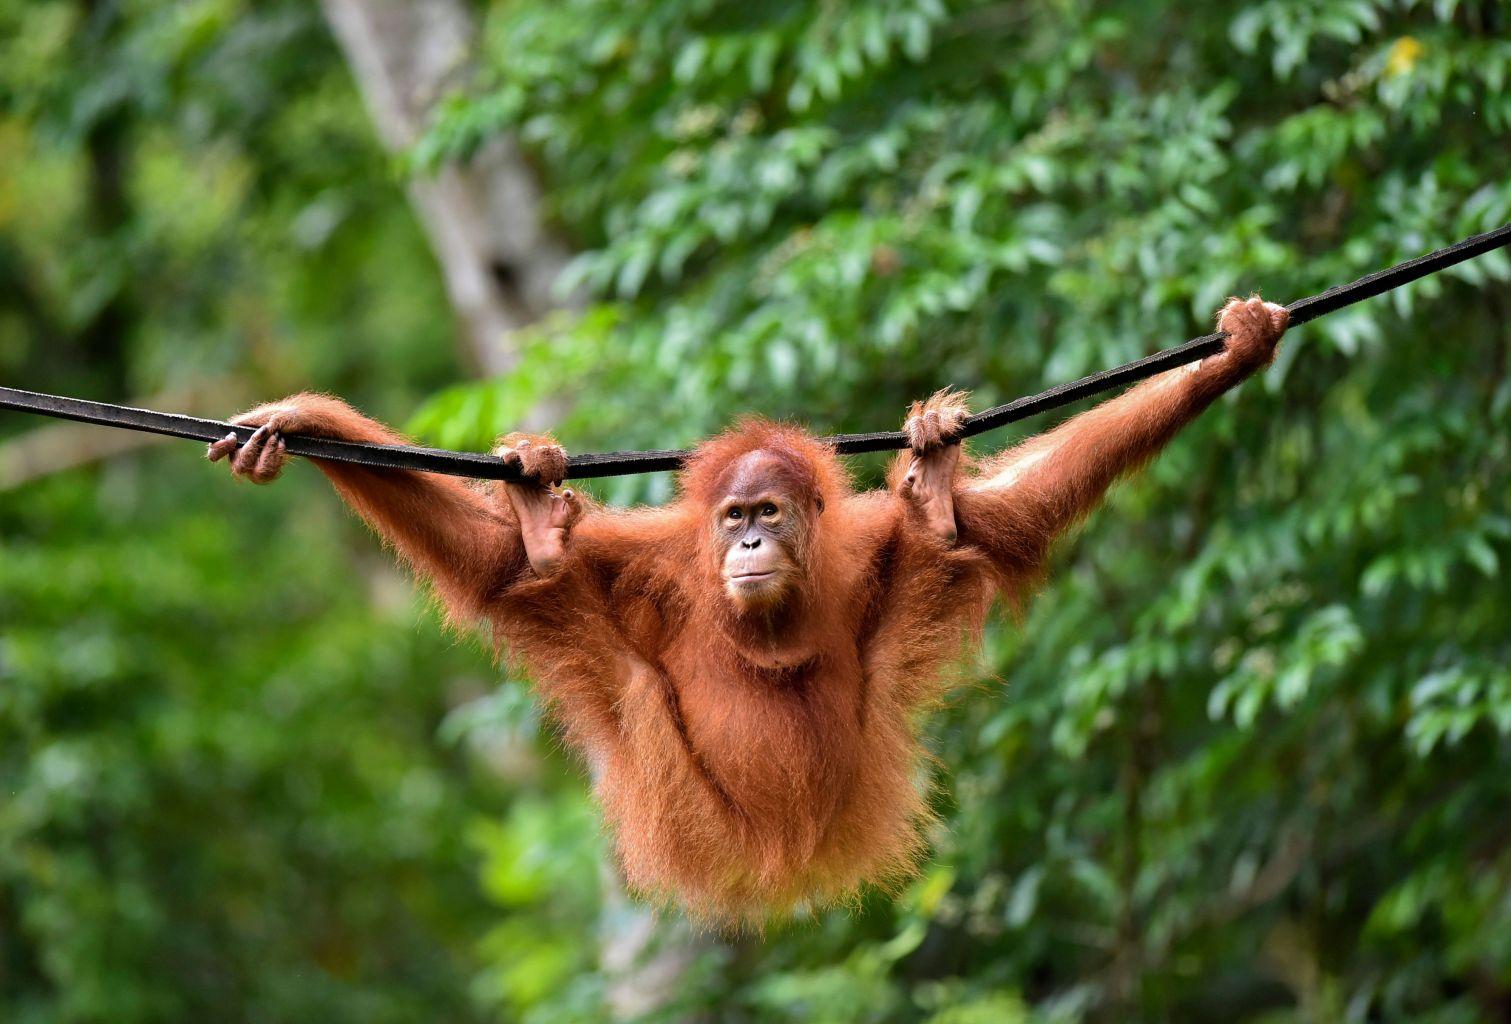 Las 10 principales atracciones turísticas de Indonesia